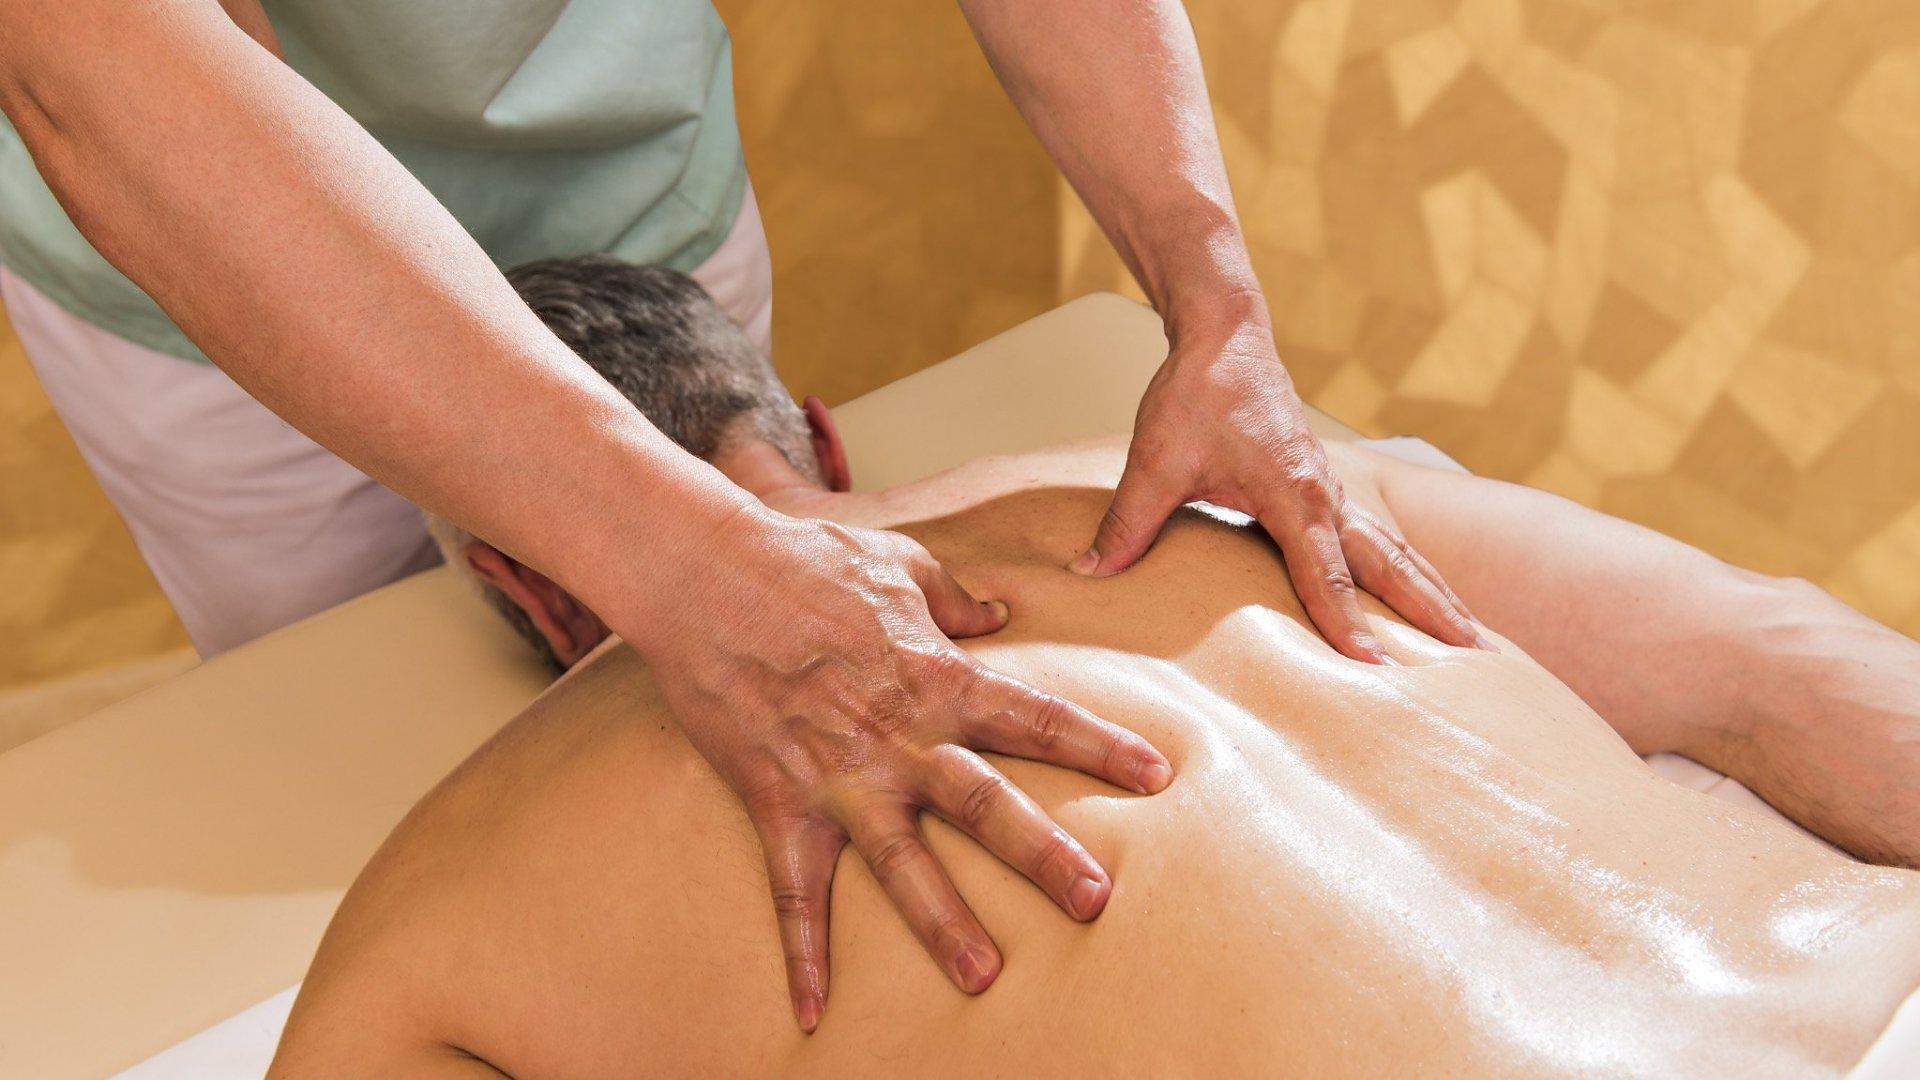 Японка оргазм на массаже, Оргазм на японском массаже - видео 17 фотография